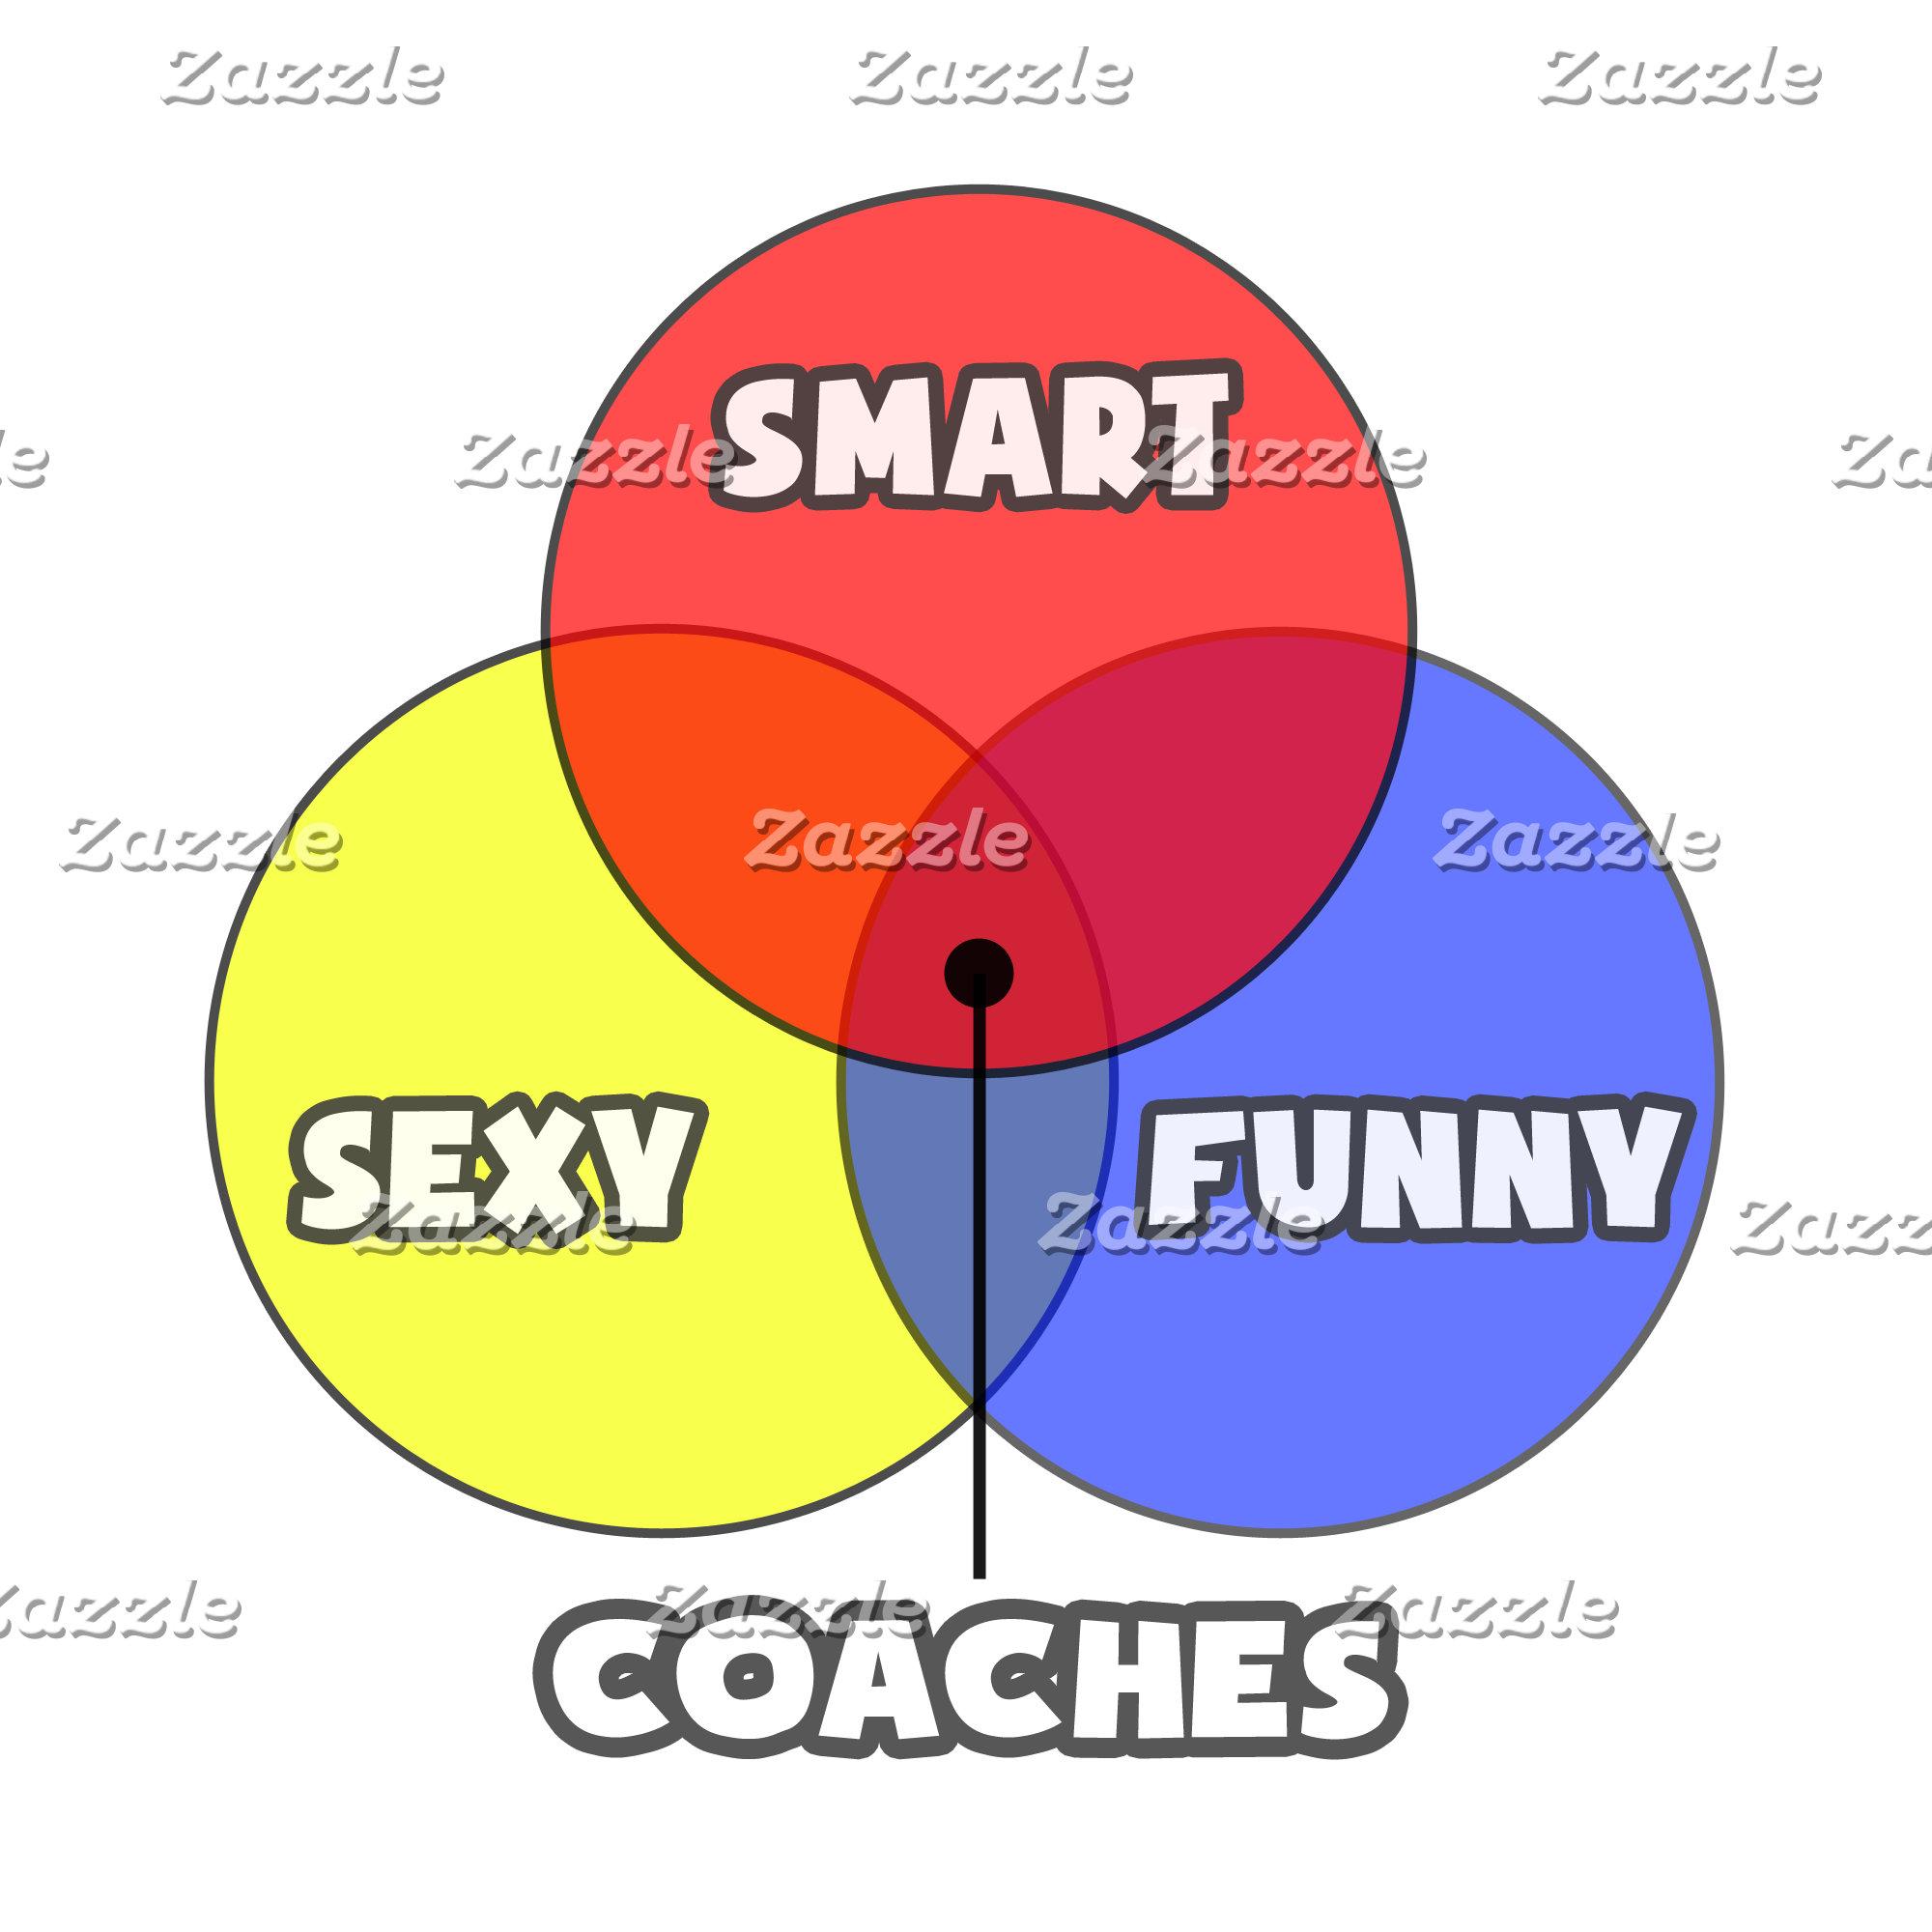 Venn Diagram .. Coaches